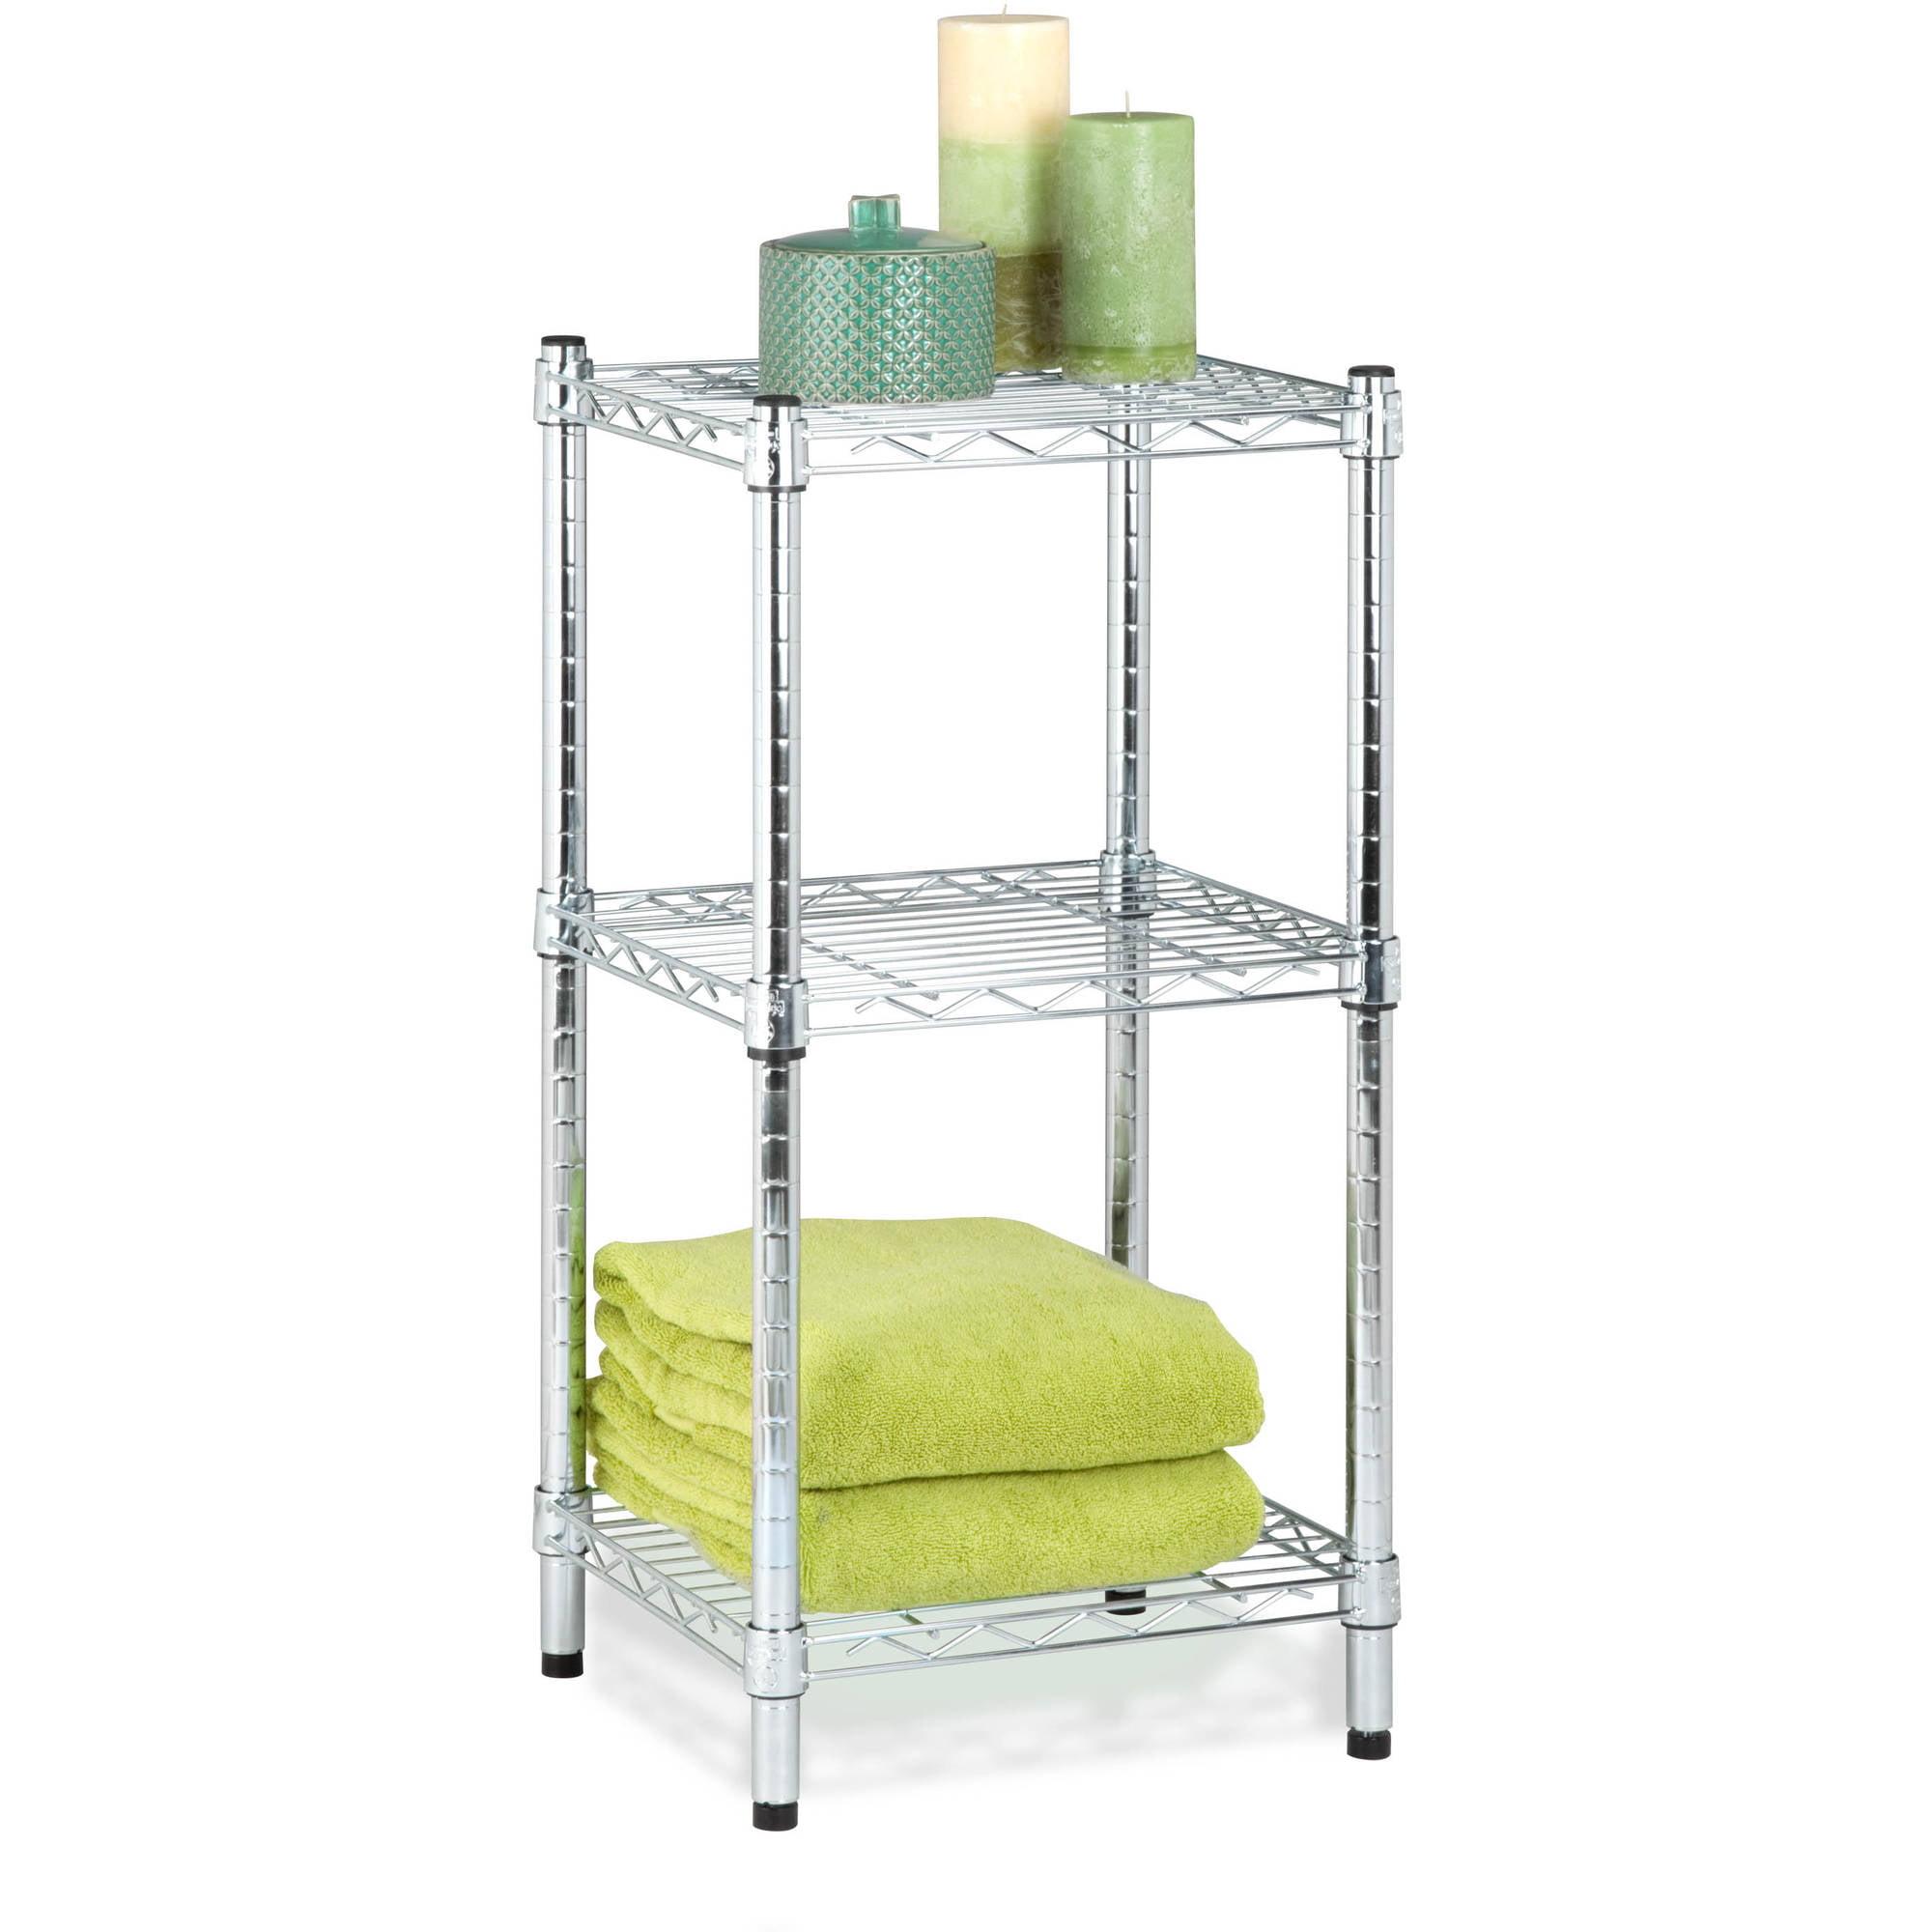 Honey Can Do 3-Shelf Steel Storage Shelving Unit, Chrome - Walmart.com